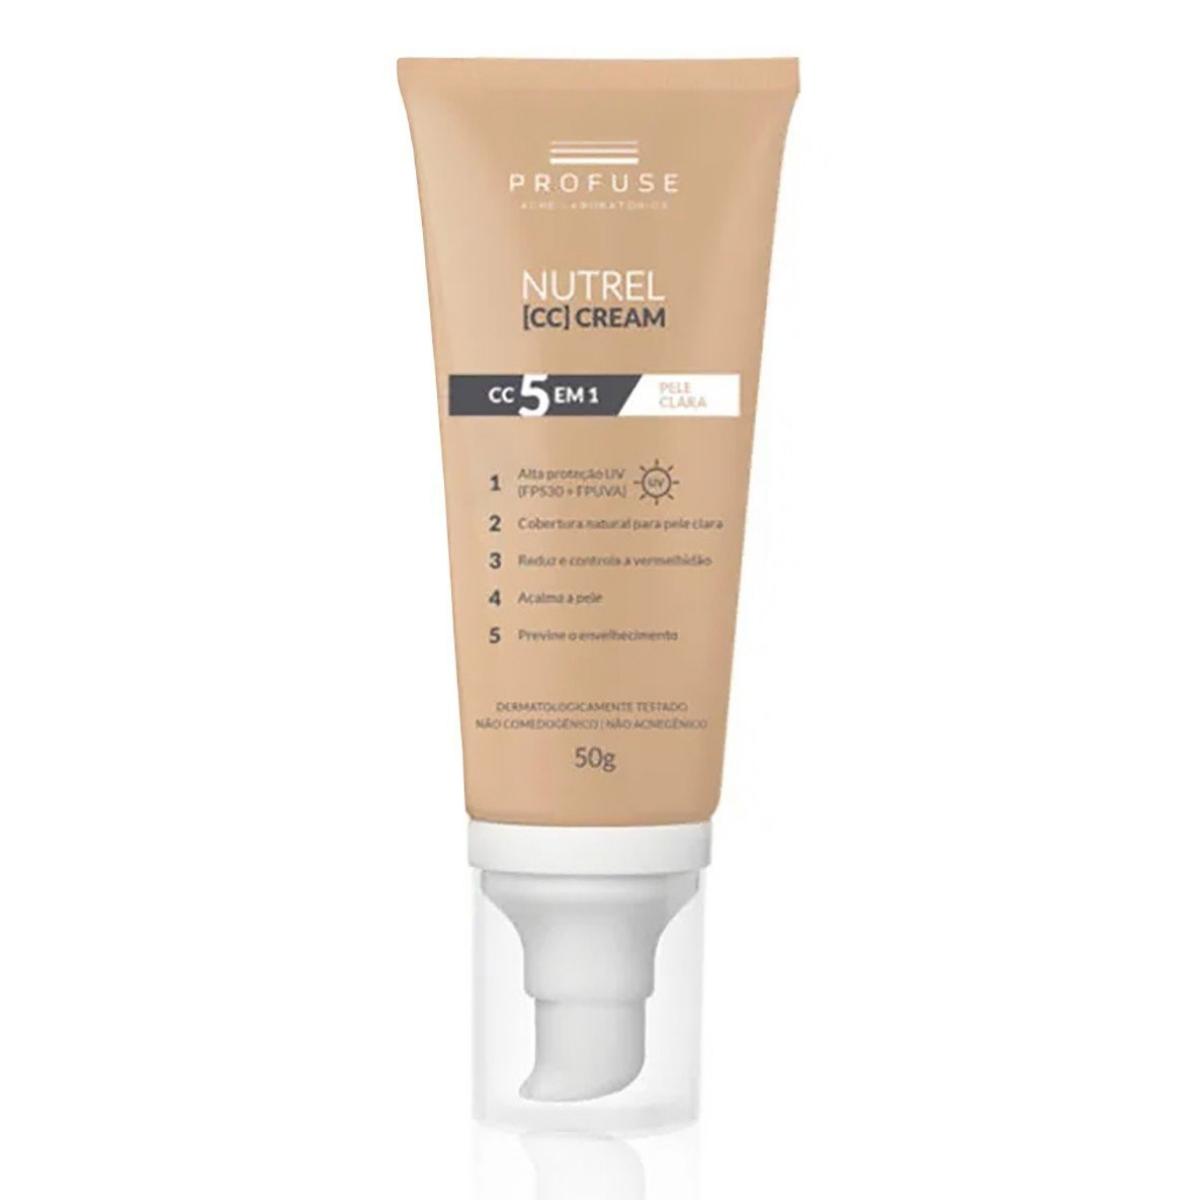 Nutrel Profuse CC Cream com 50g